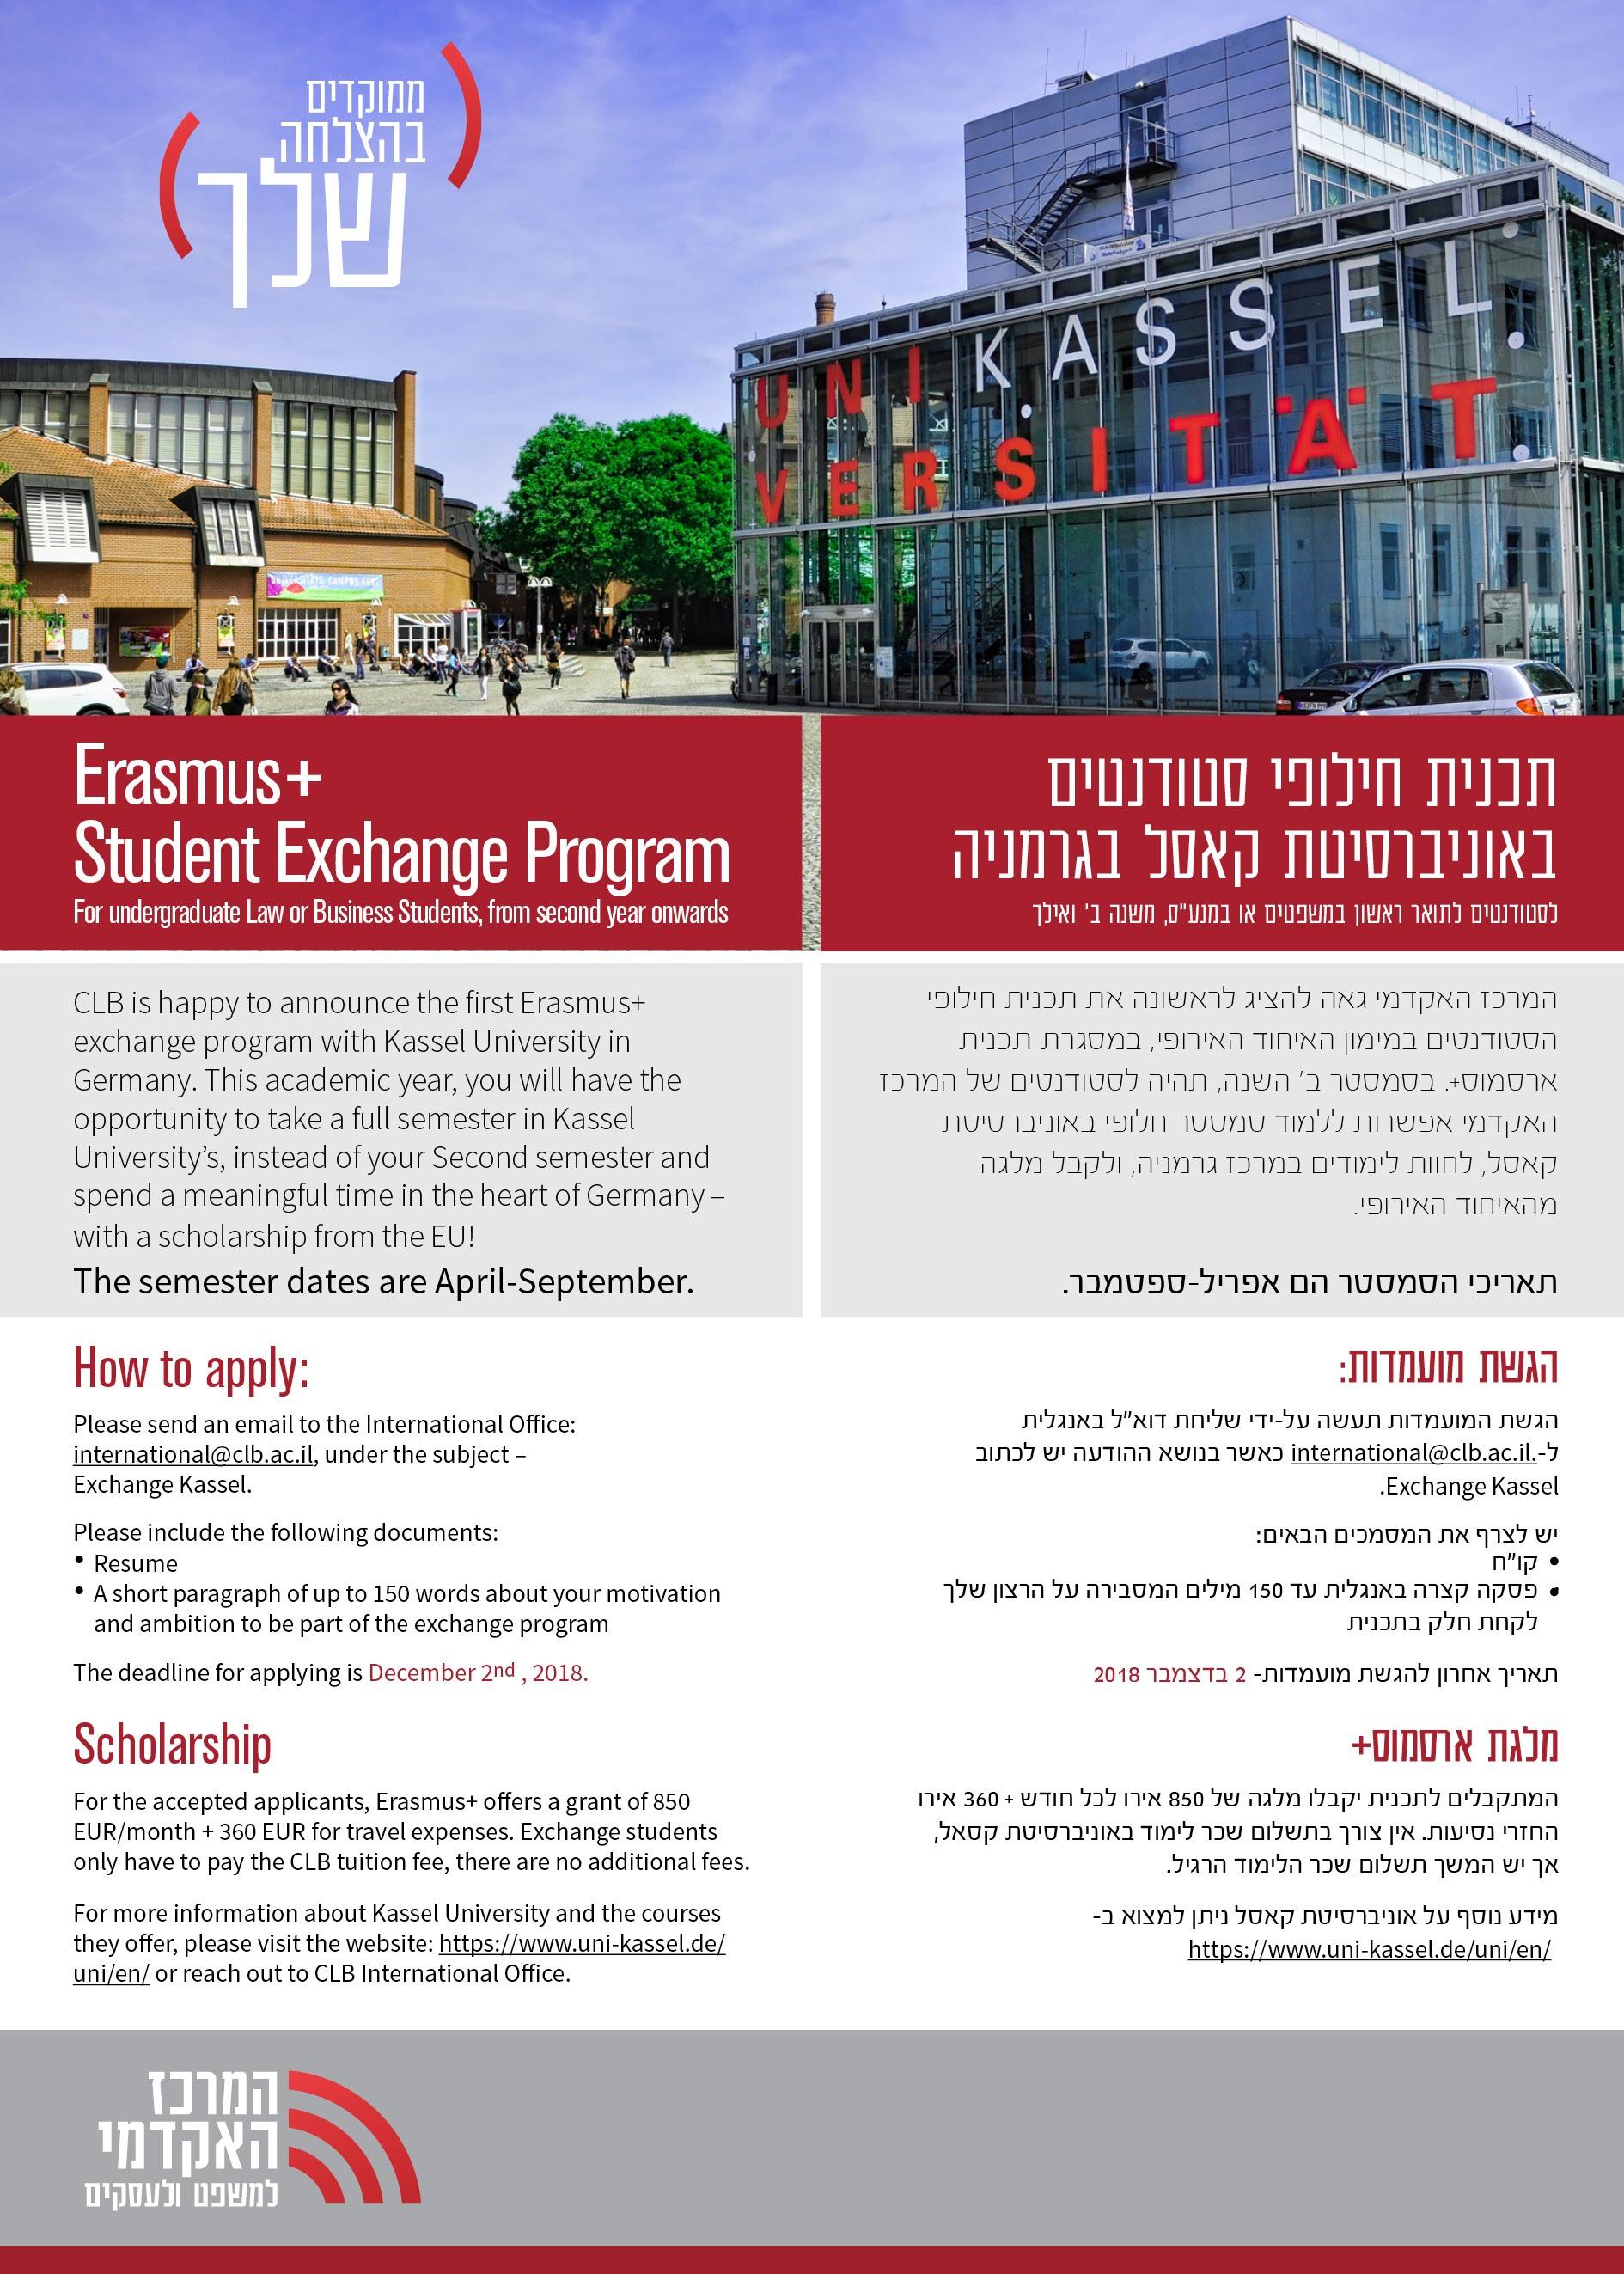 הגישו מועמדותכם לתכנית חילופי הסטודנטים בקאסל שבגרמניה. תאריך אחרון להגשת מועמדות 2.12.18